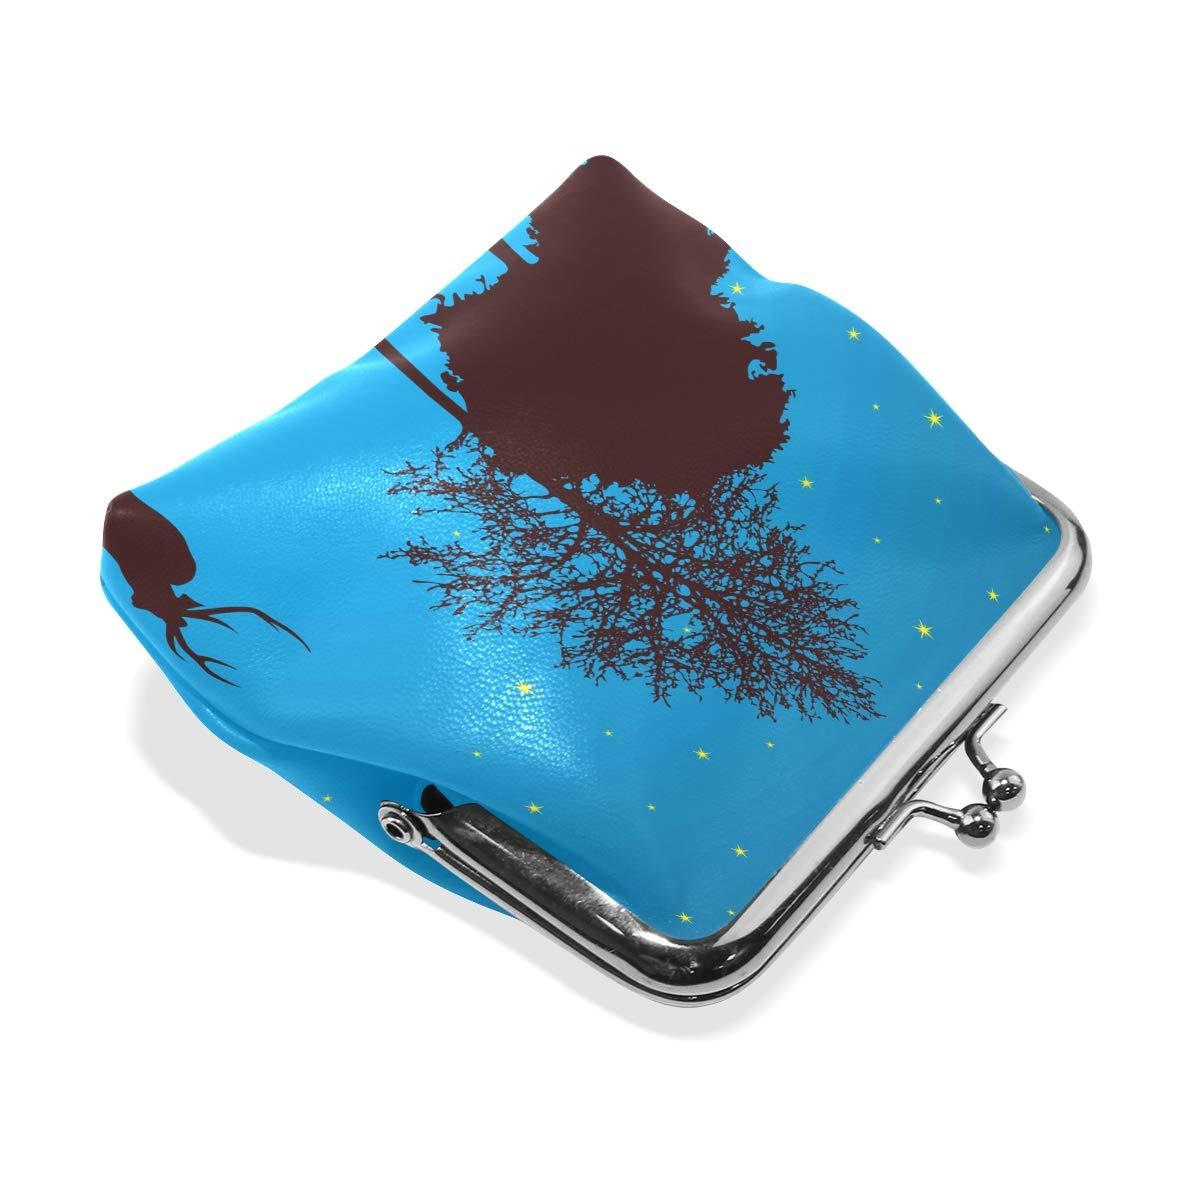 LALATOP Silent Night Womens Coin Pouch Purse wallet Card Holder Clutch Handbag